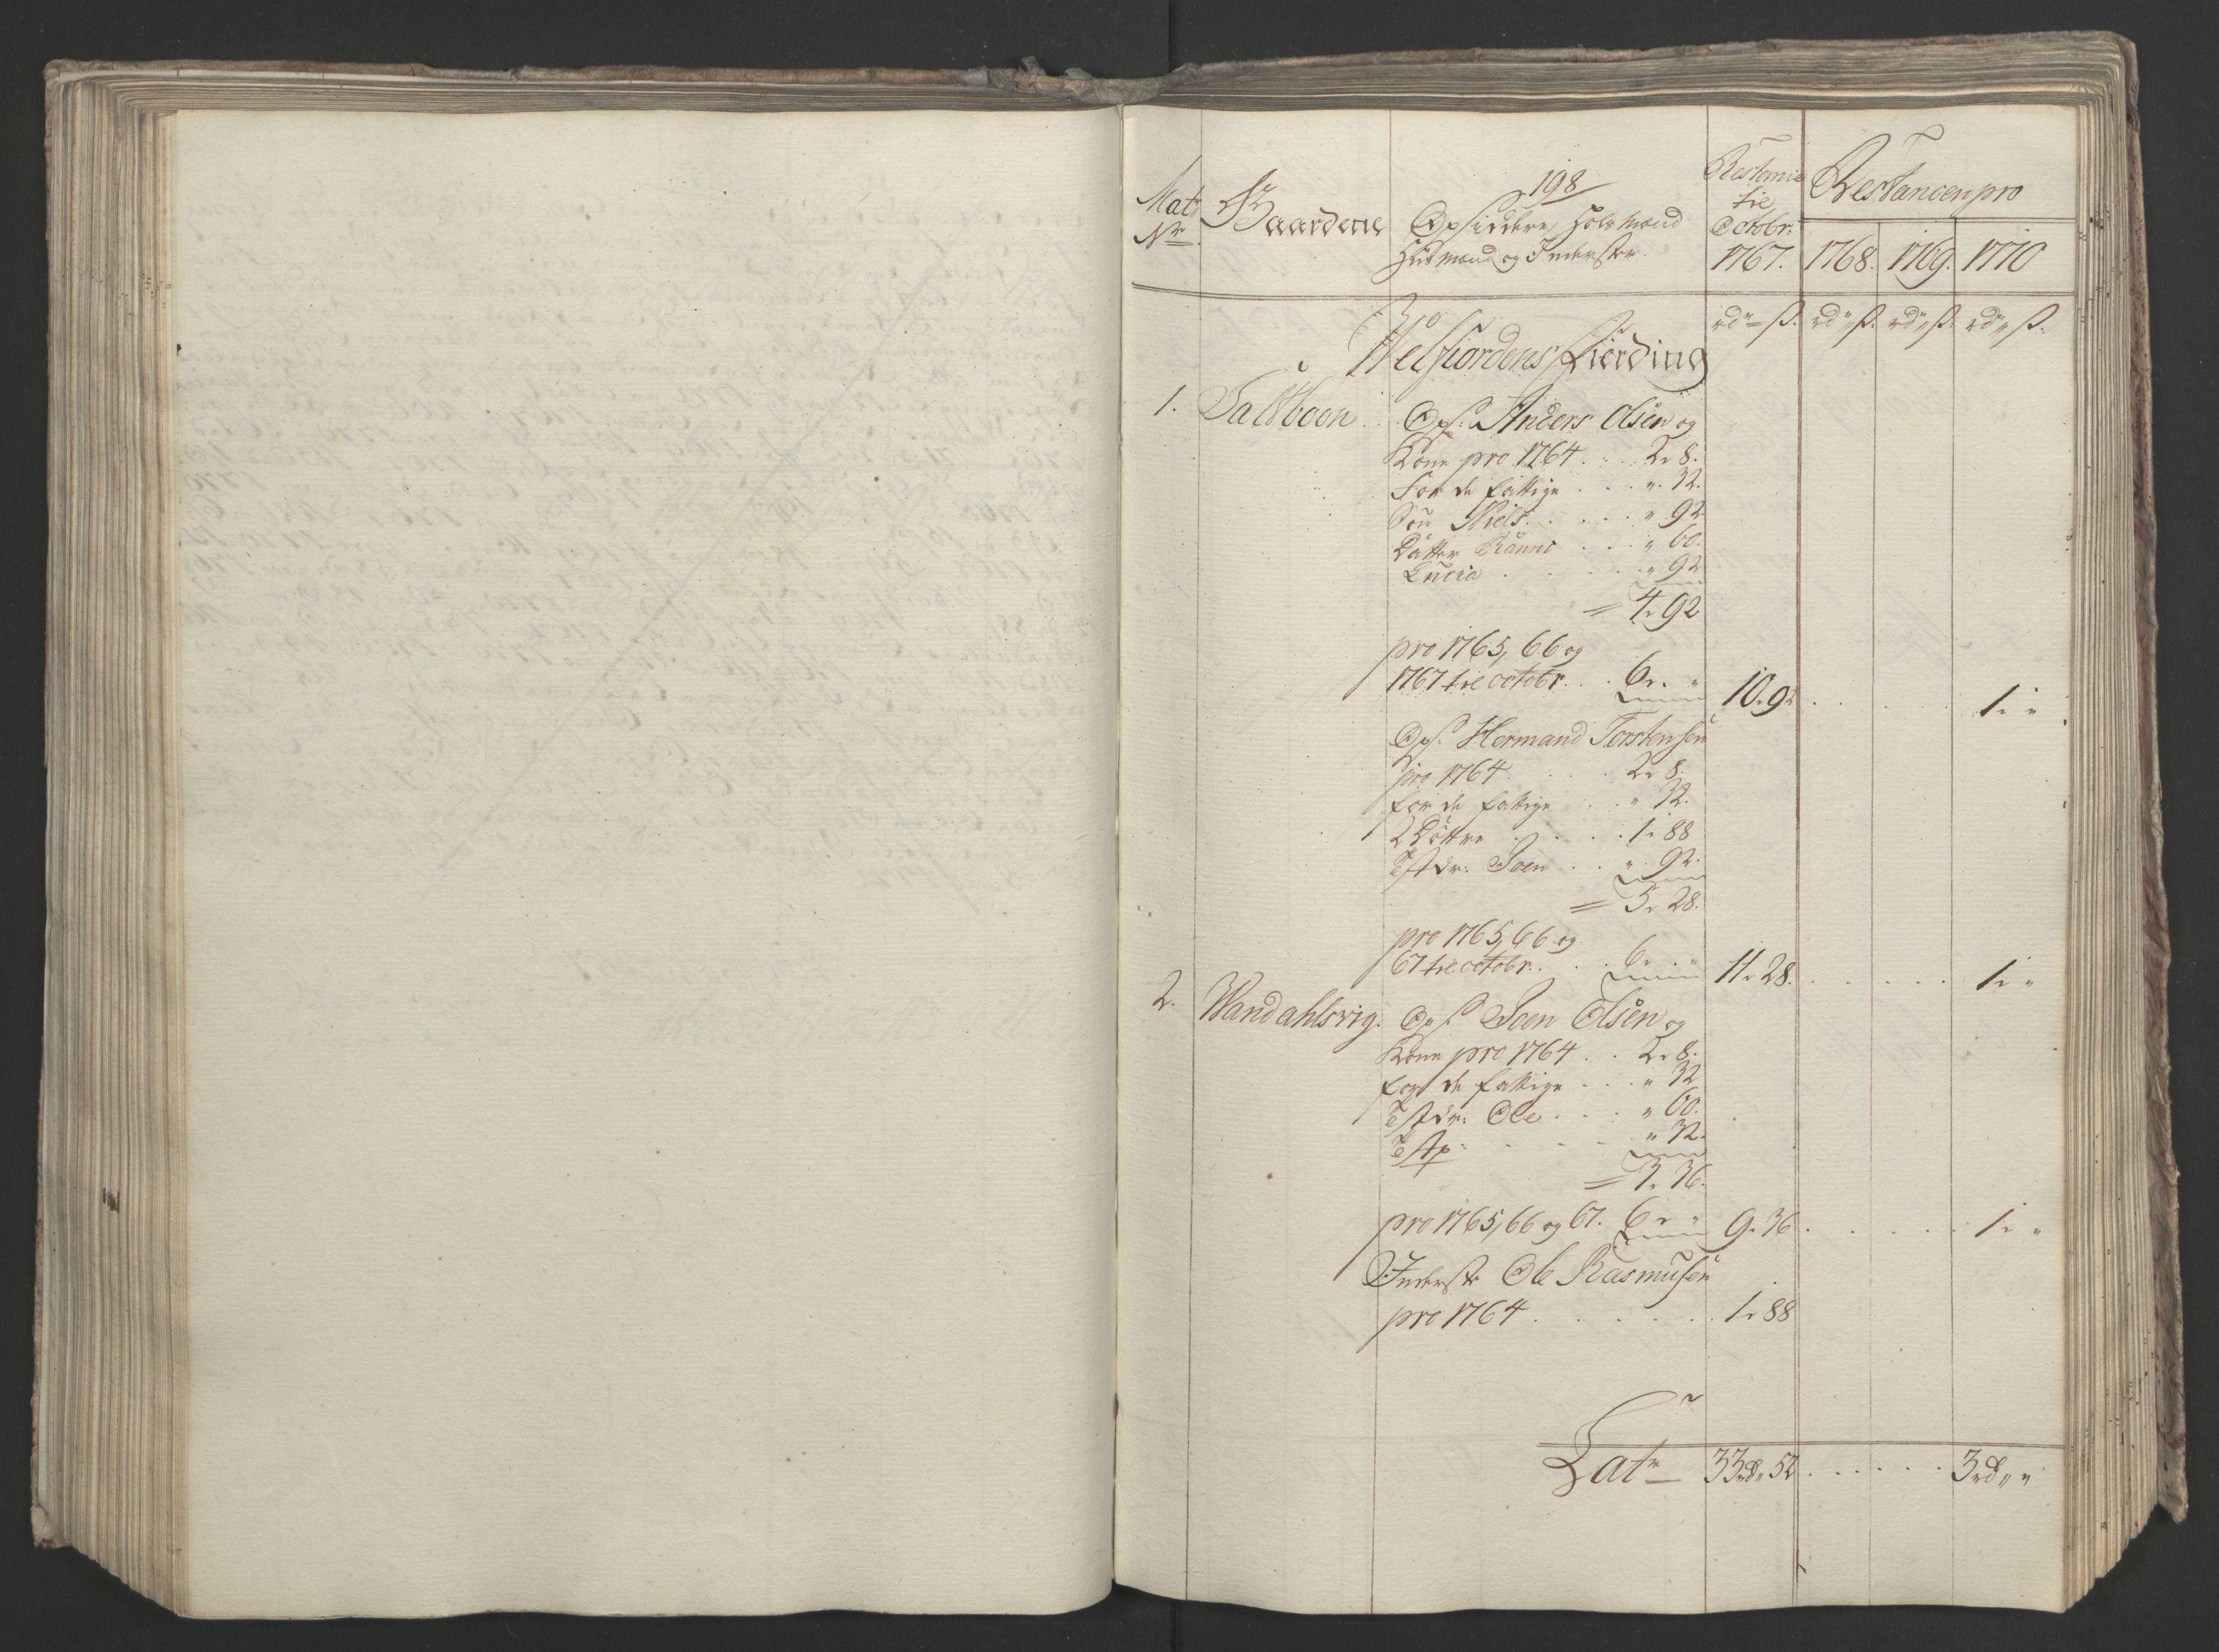 RA, Rentekammeret inntil 1814, Realistisk ordnet avdeling, Ol/L0023: [Gg 10]: Ekstraskatten, 23.09.1762. Helgeland (restanseregister), 1767-1772, s. 458